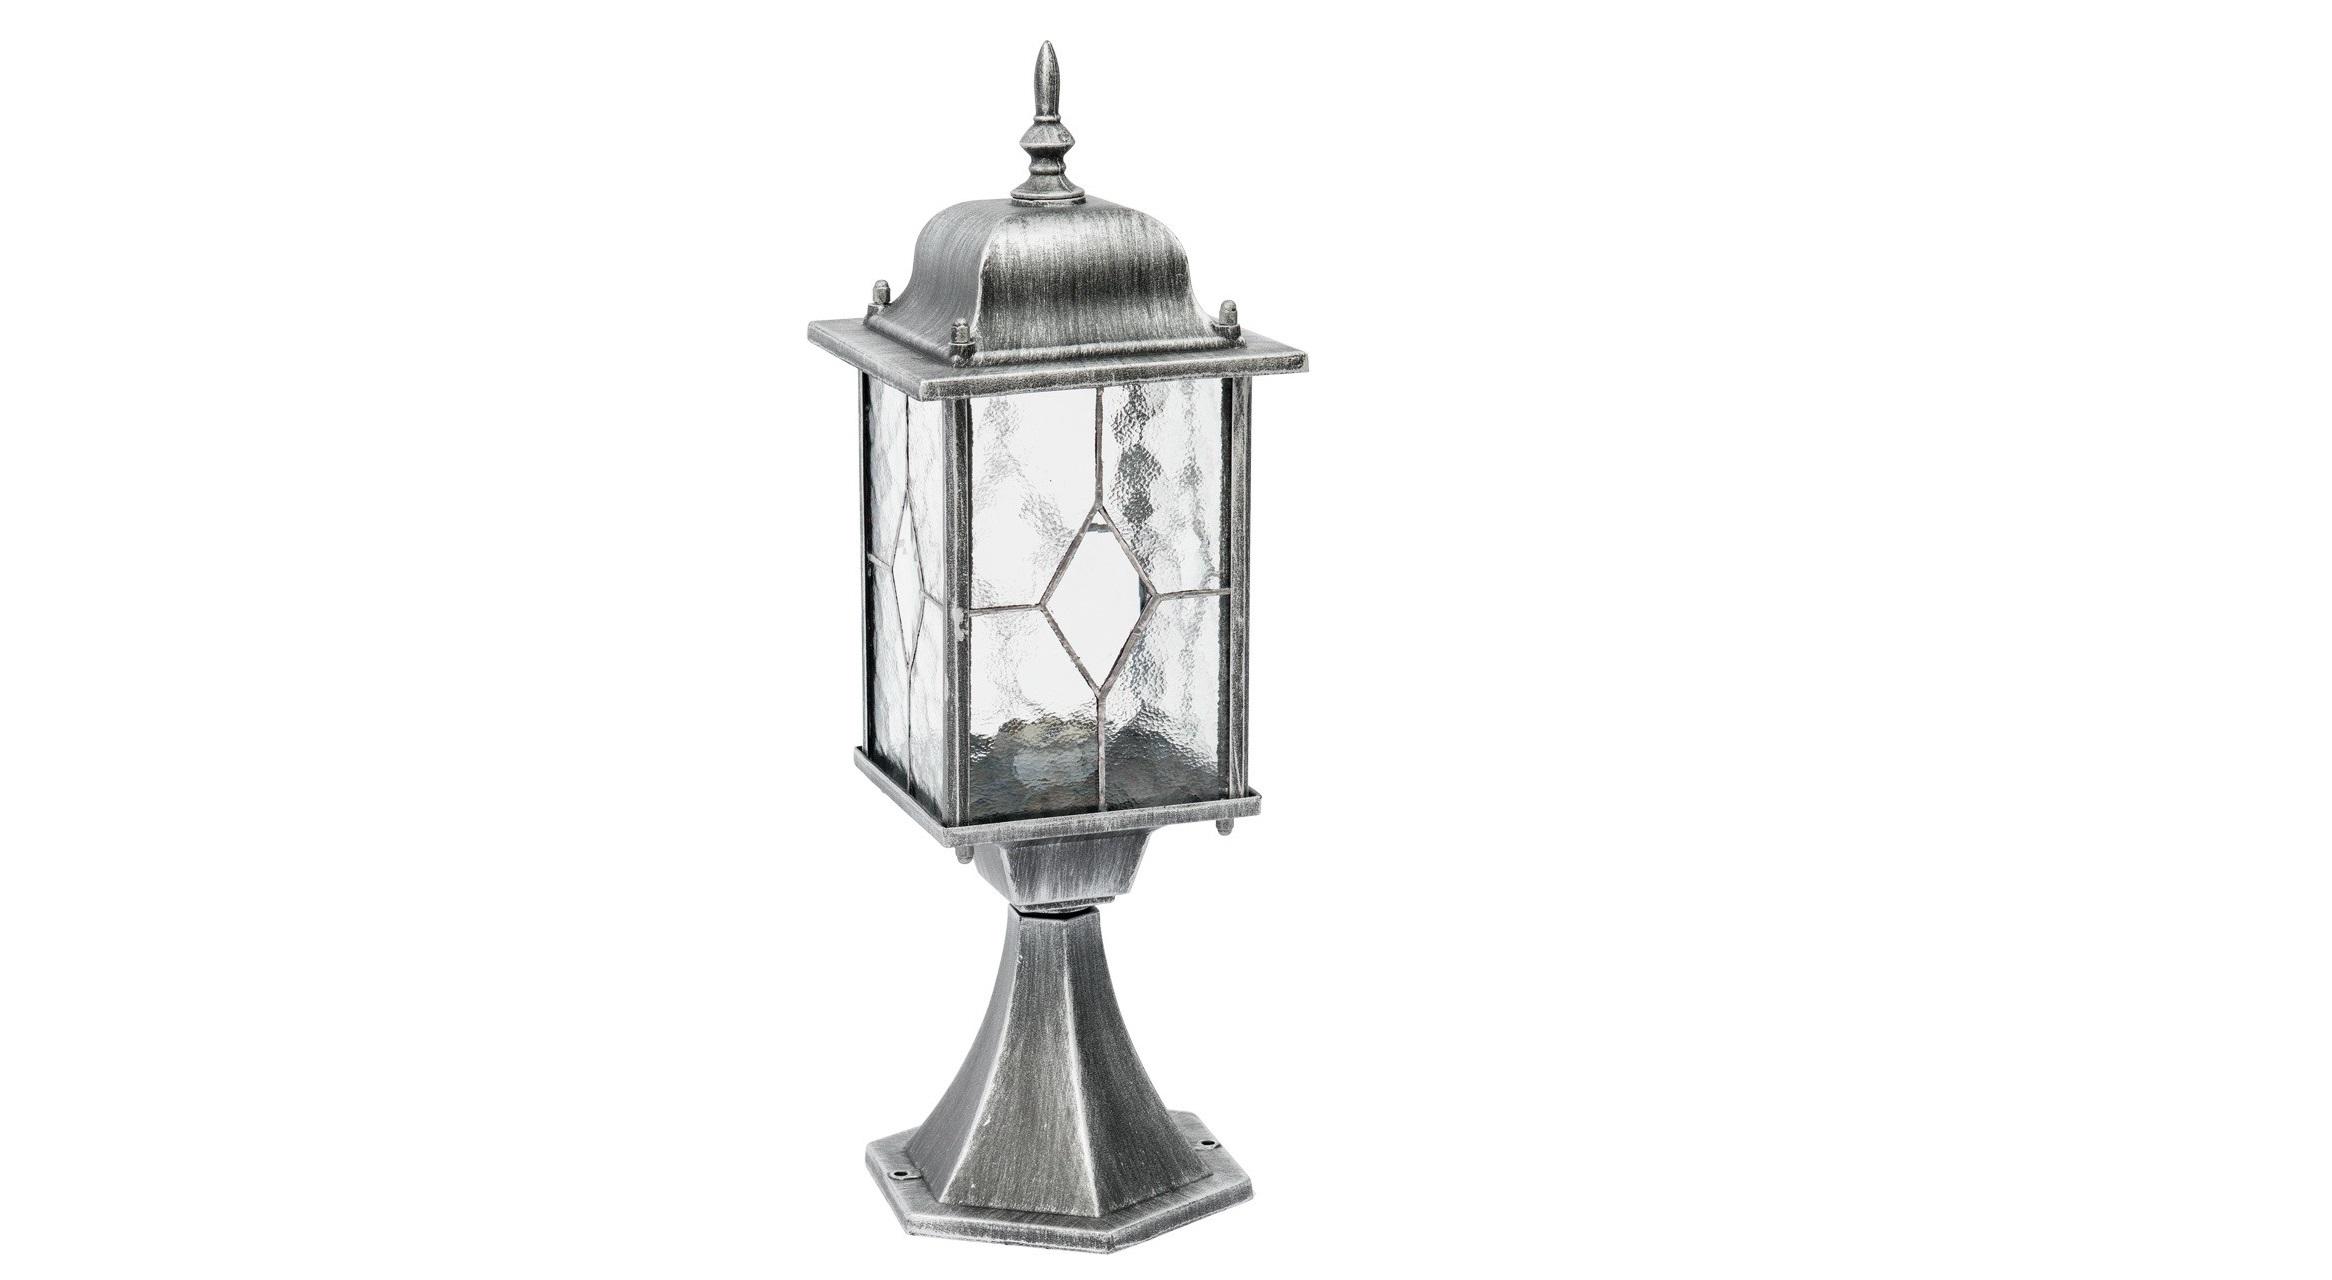 Уличный светильник БургосУличные наземные светильники<br>&amp;lt;div&amp;gt;Оригинальное витражное стекло в коллекции Бургос красиво преломляет лучи света, тем самым достойно украшая конструкцию светильников. Контуры алюминиевого литого основания чёрного цвета декорированы модной серебряной патиной. Благодаря лёгкости металлической конструкции и интересному дизайну, светильник отлично впишется в экстерьер любого природного ландшафта.&amp;lt;/div&amp;gt;&amp;lt;div&amp;gt;Основание из литого алюминия черного цвета, декорированное серебряной патиной, плафоны &amp;amp;nbsp;- витражное стекло&amp;lt;/div&amp;gt;&amp;lt;div&amp;gt;&amp;lt;br&amp;gt;&amp;lt;/div&amp;gt;&amp;lt;div&amp;gt;Мощность 1*95W&amp;lt;/div&amp;gt;&amp;lt;div&amp;gt;Цоколь E27&amp;lt;/div&amp;gt;&amp;lt;div&amp;gt;Степень защиты светильников от пыли и влаги IP44&amp;lt;/div&amp;gt;<br><br>Material: Алюминий<br>Ширина см: 16<br>Высота см: 48<br>Глубина см: 16